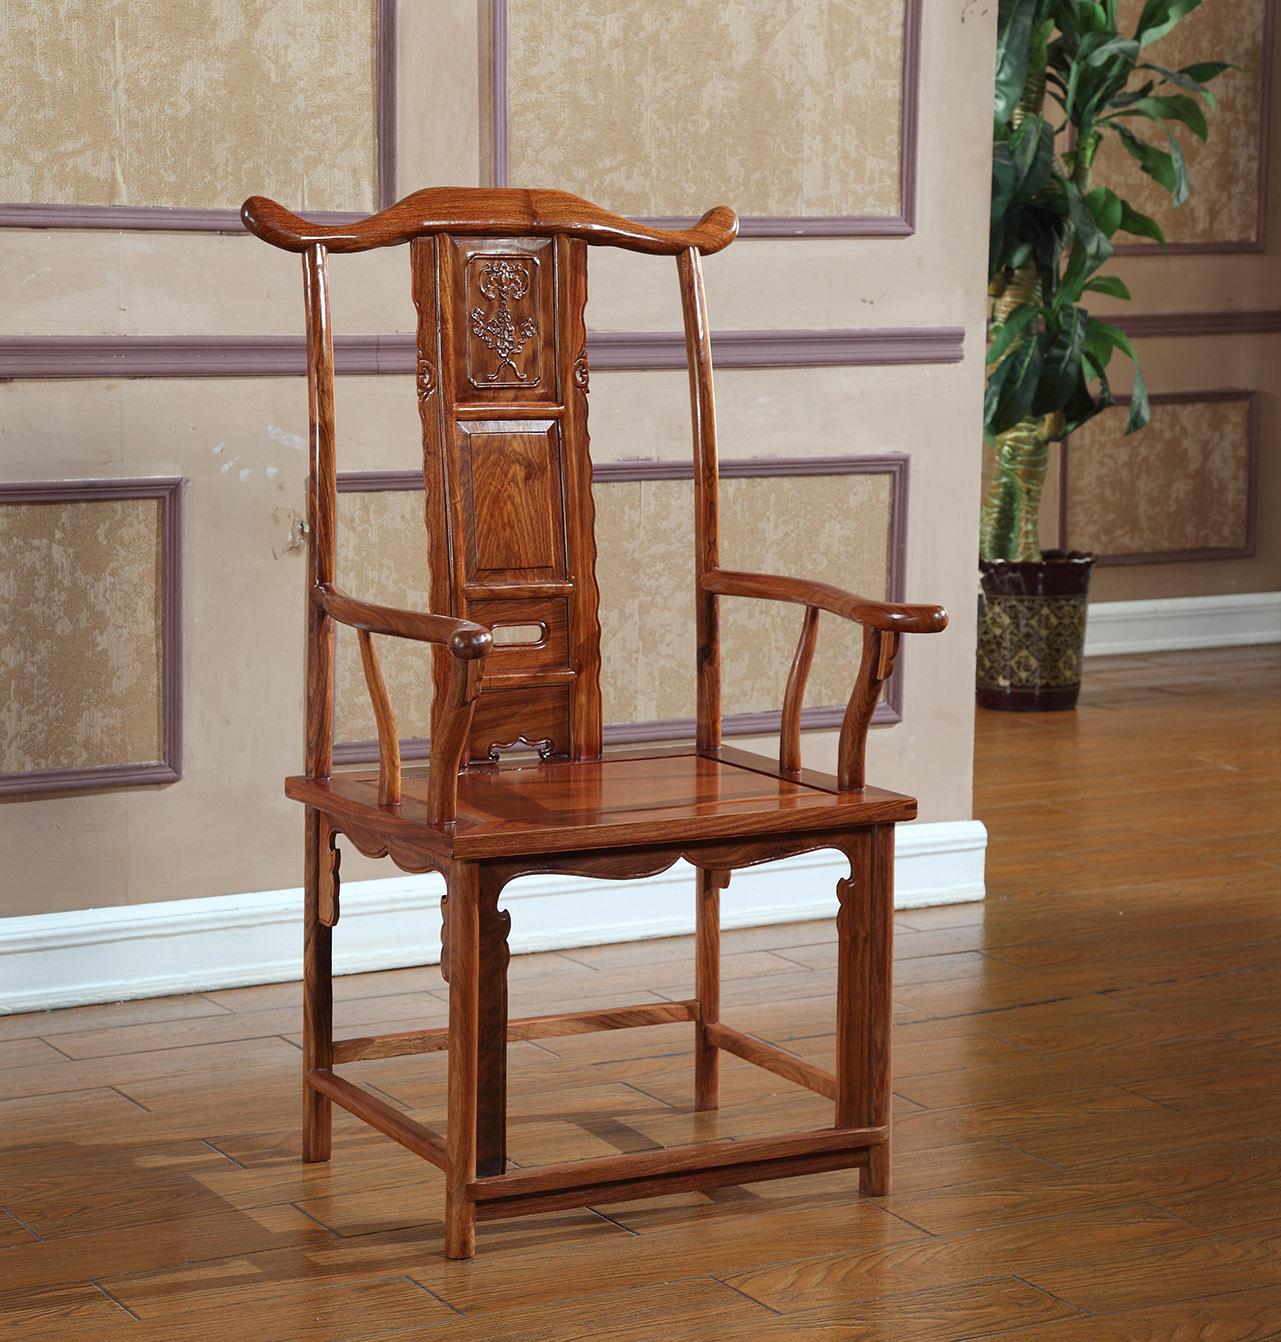 岭林红木休闲椅官帽椅花梨木椅